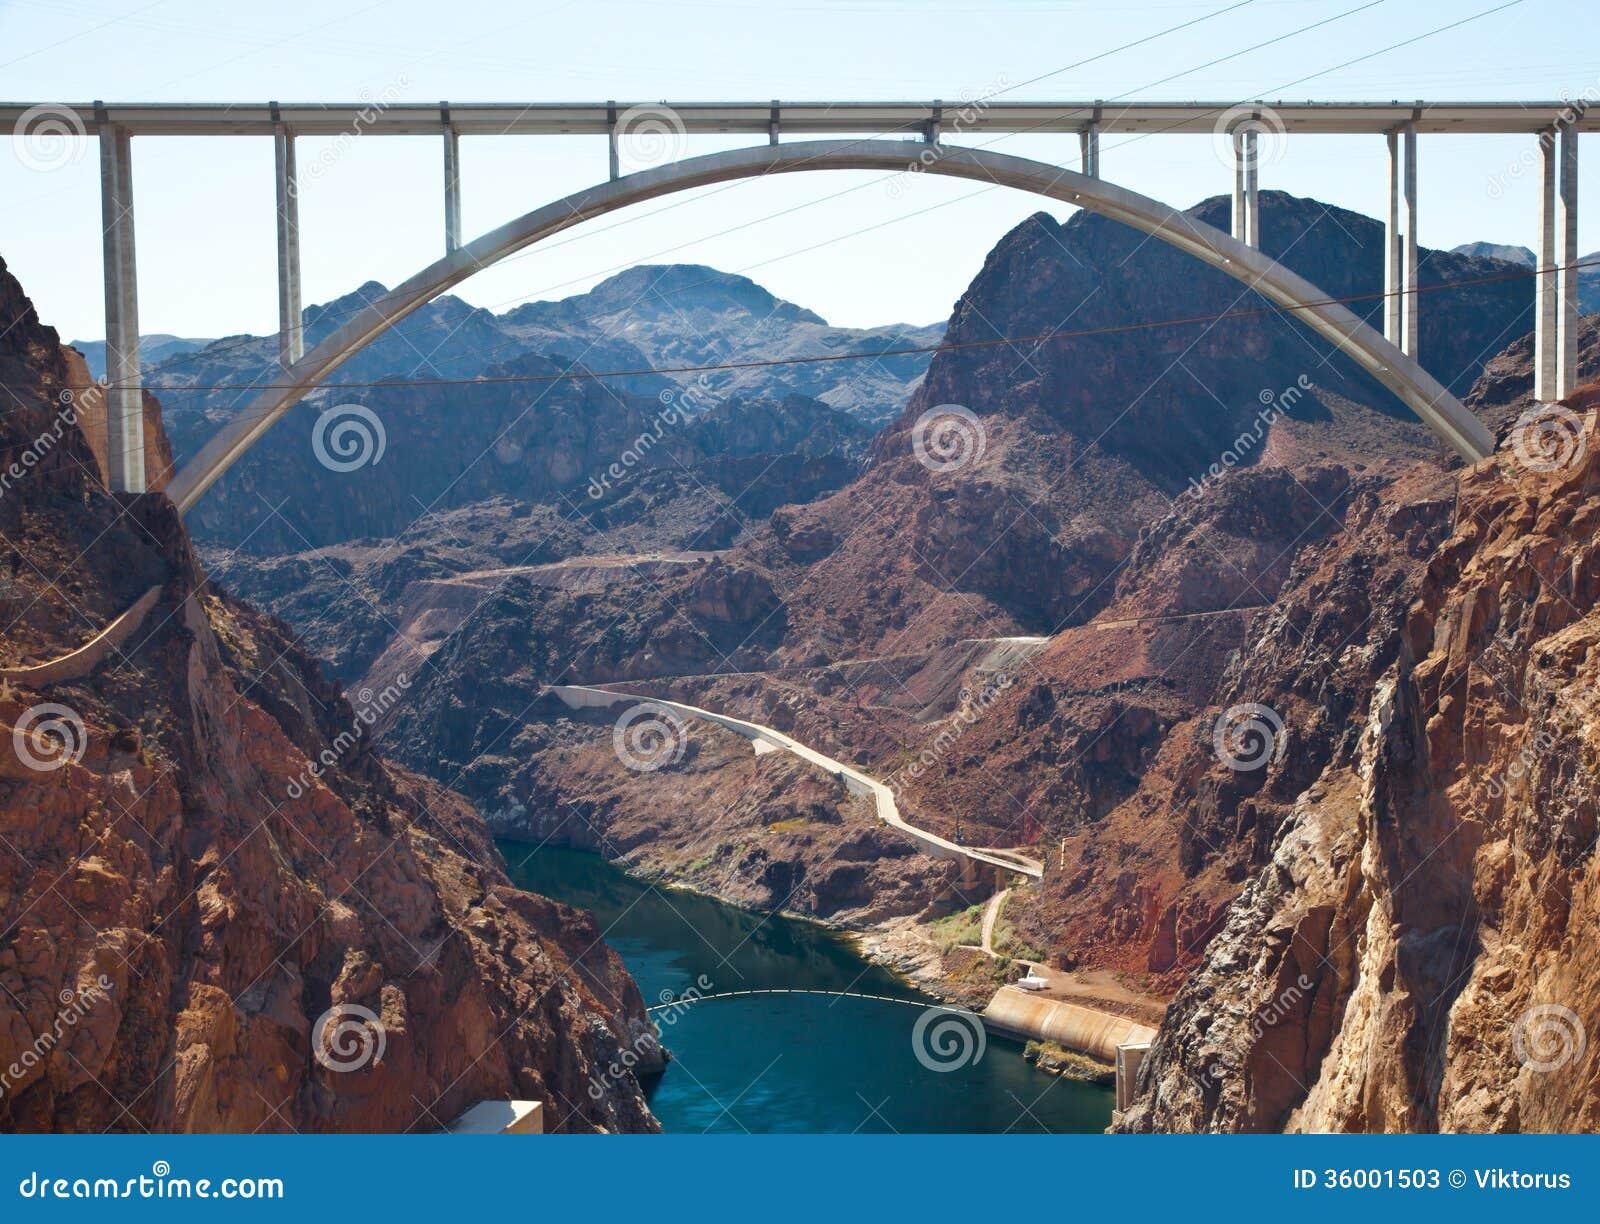 ark how to build bridge